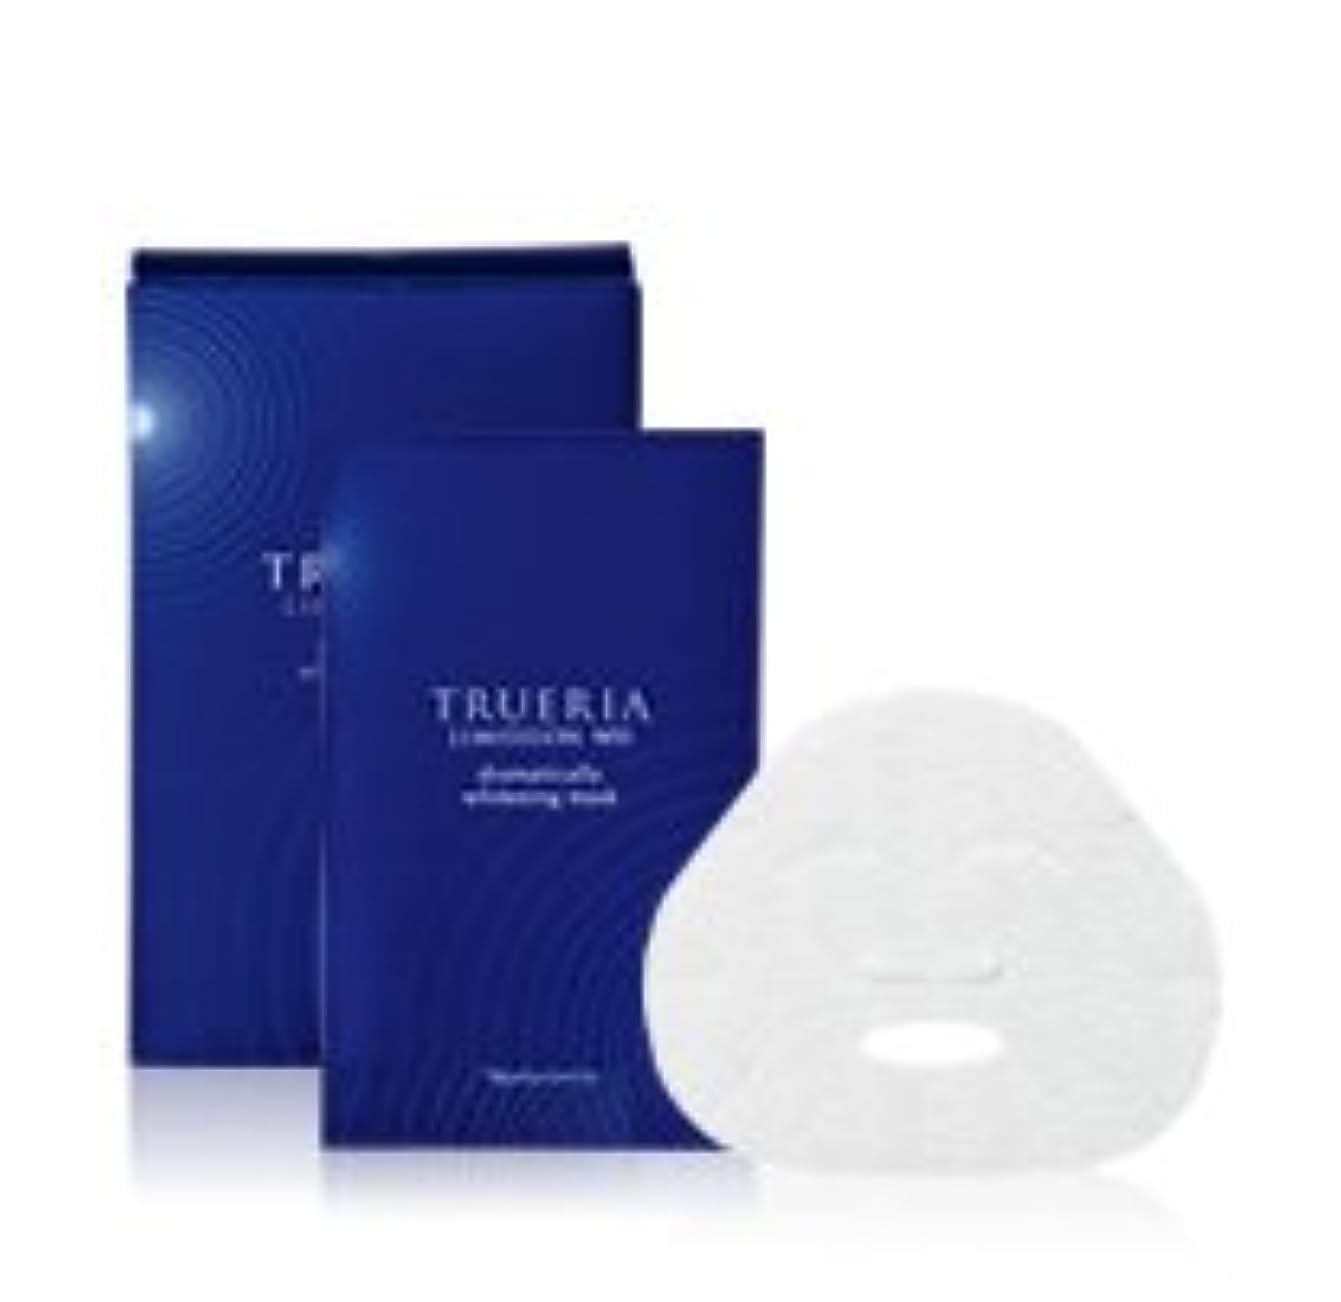 幸運クリエイティブ作りナリス化粧品 トゥルーリア リミッション WH ドラマティカリーホワイトニングマスク 22ml 8枚